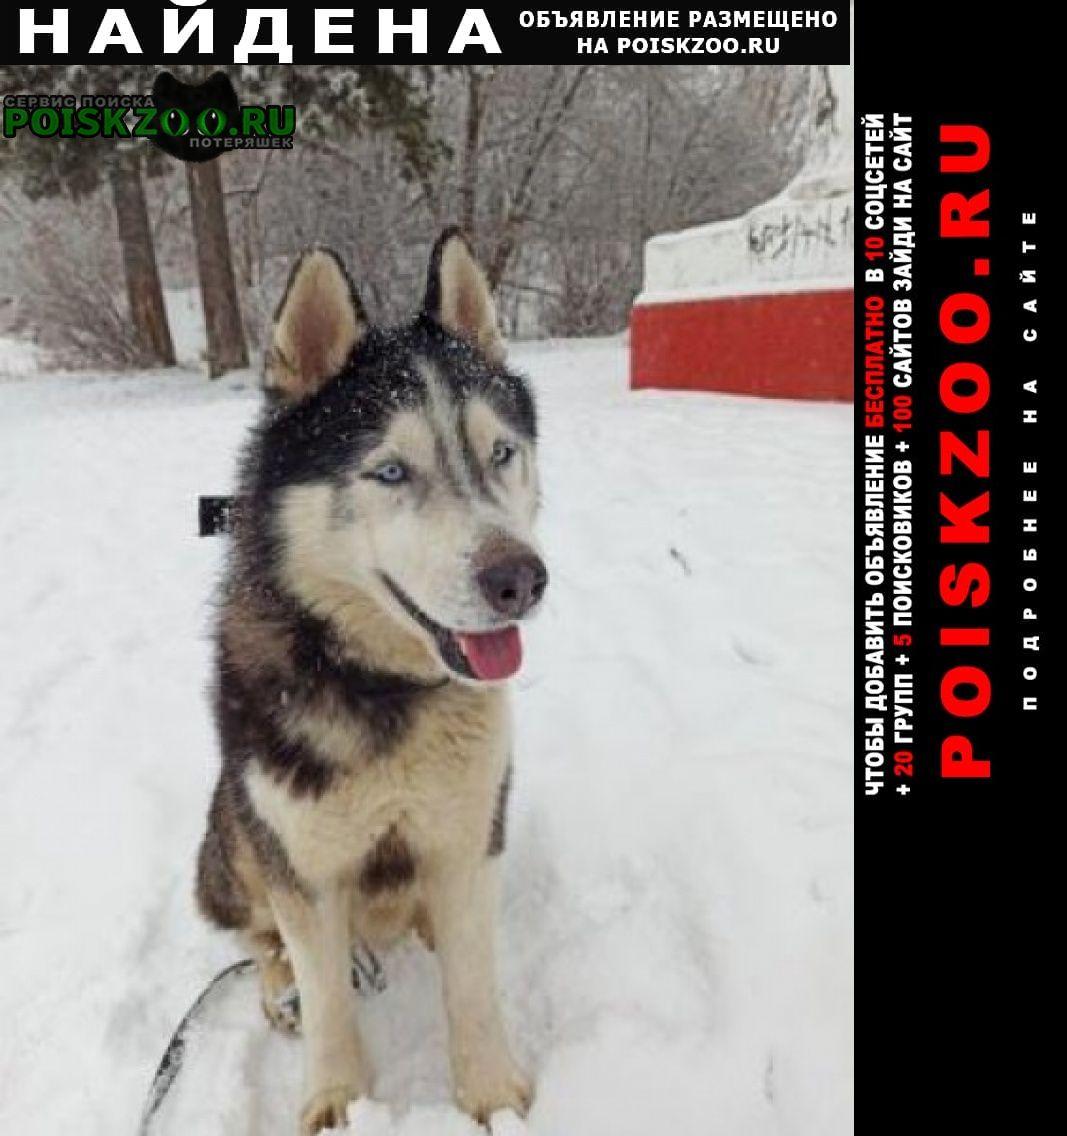 Найдена собака молодой кобель хаски 1 января Долгопрудный